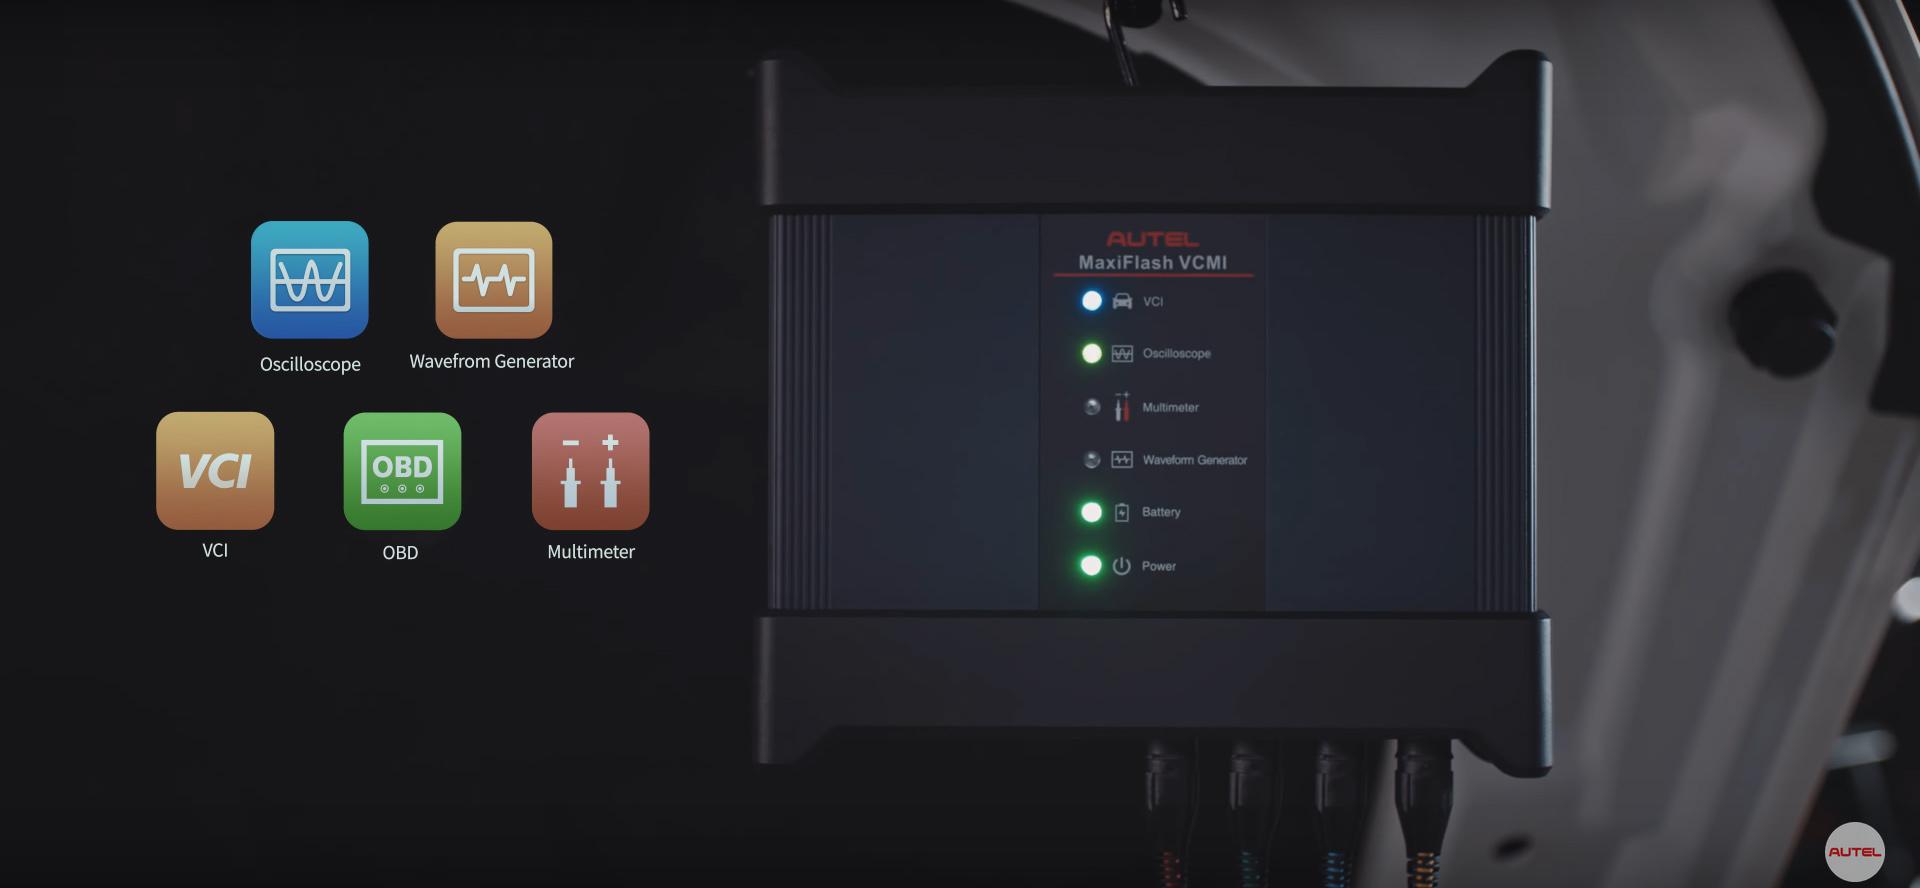 voltmètre, oscilloscope, simulateur de composant, analyseur de bus CAN